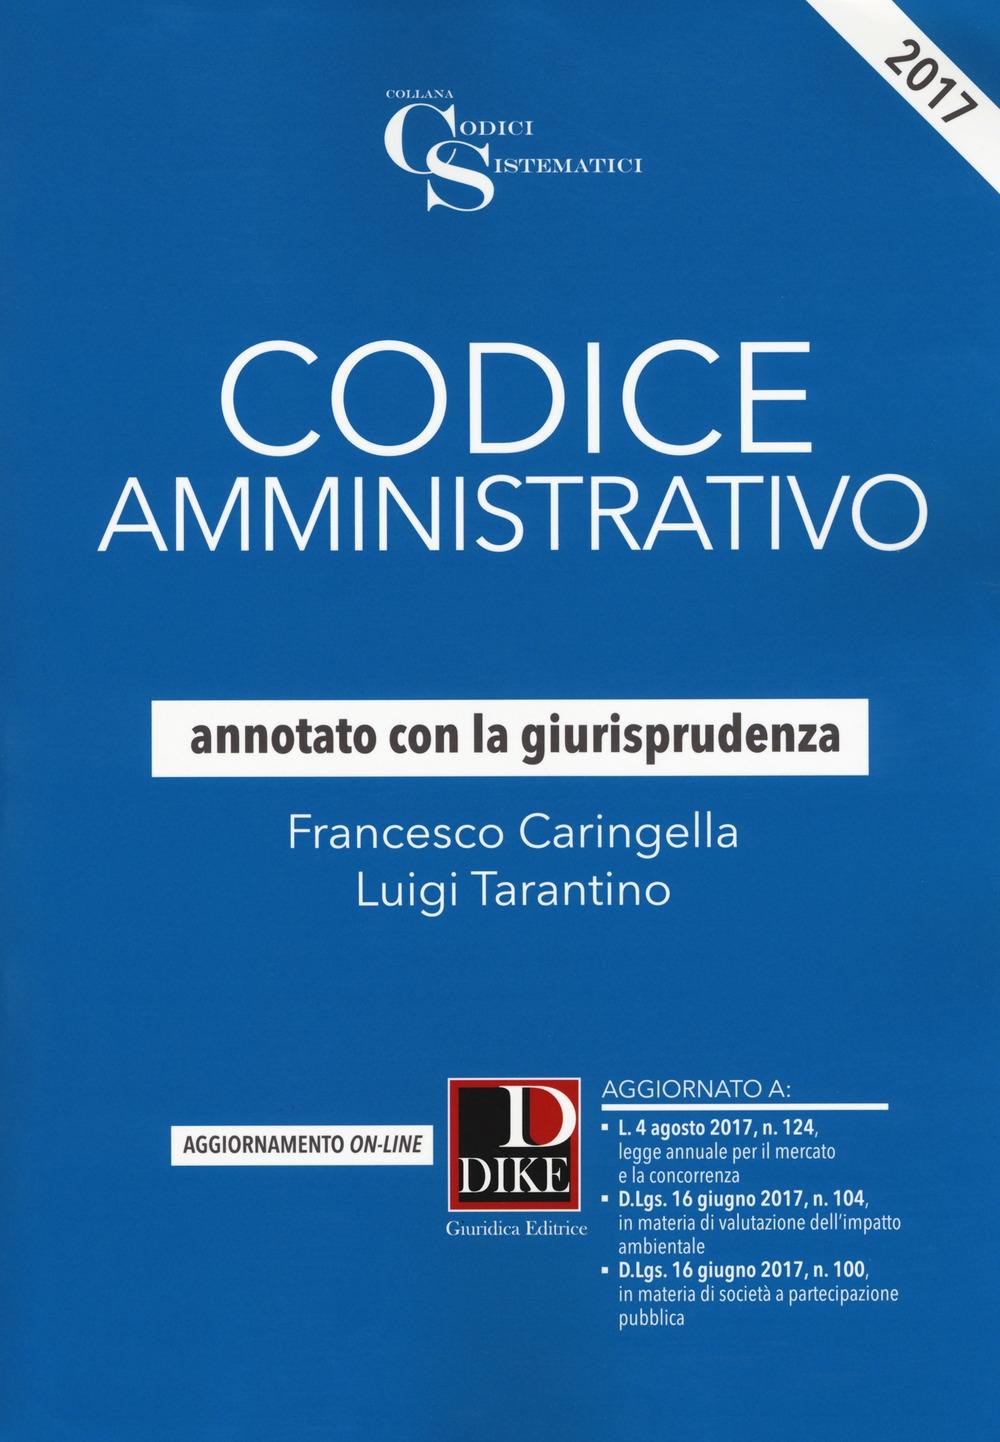 Codice amministrativo annotato con la giurisprudenza